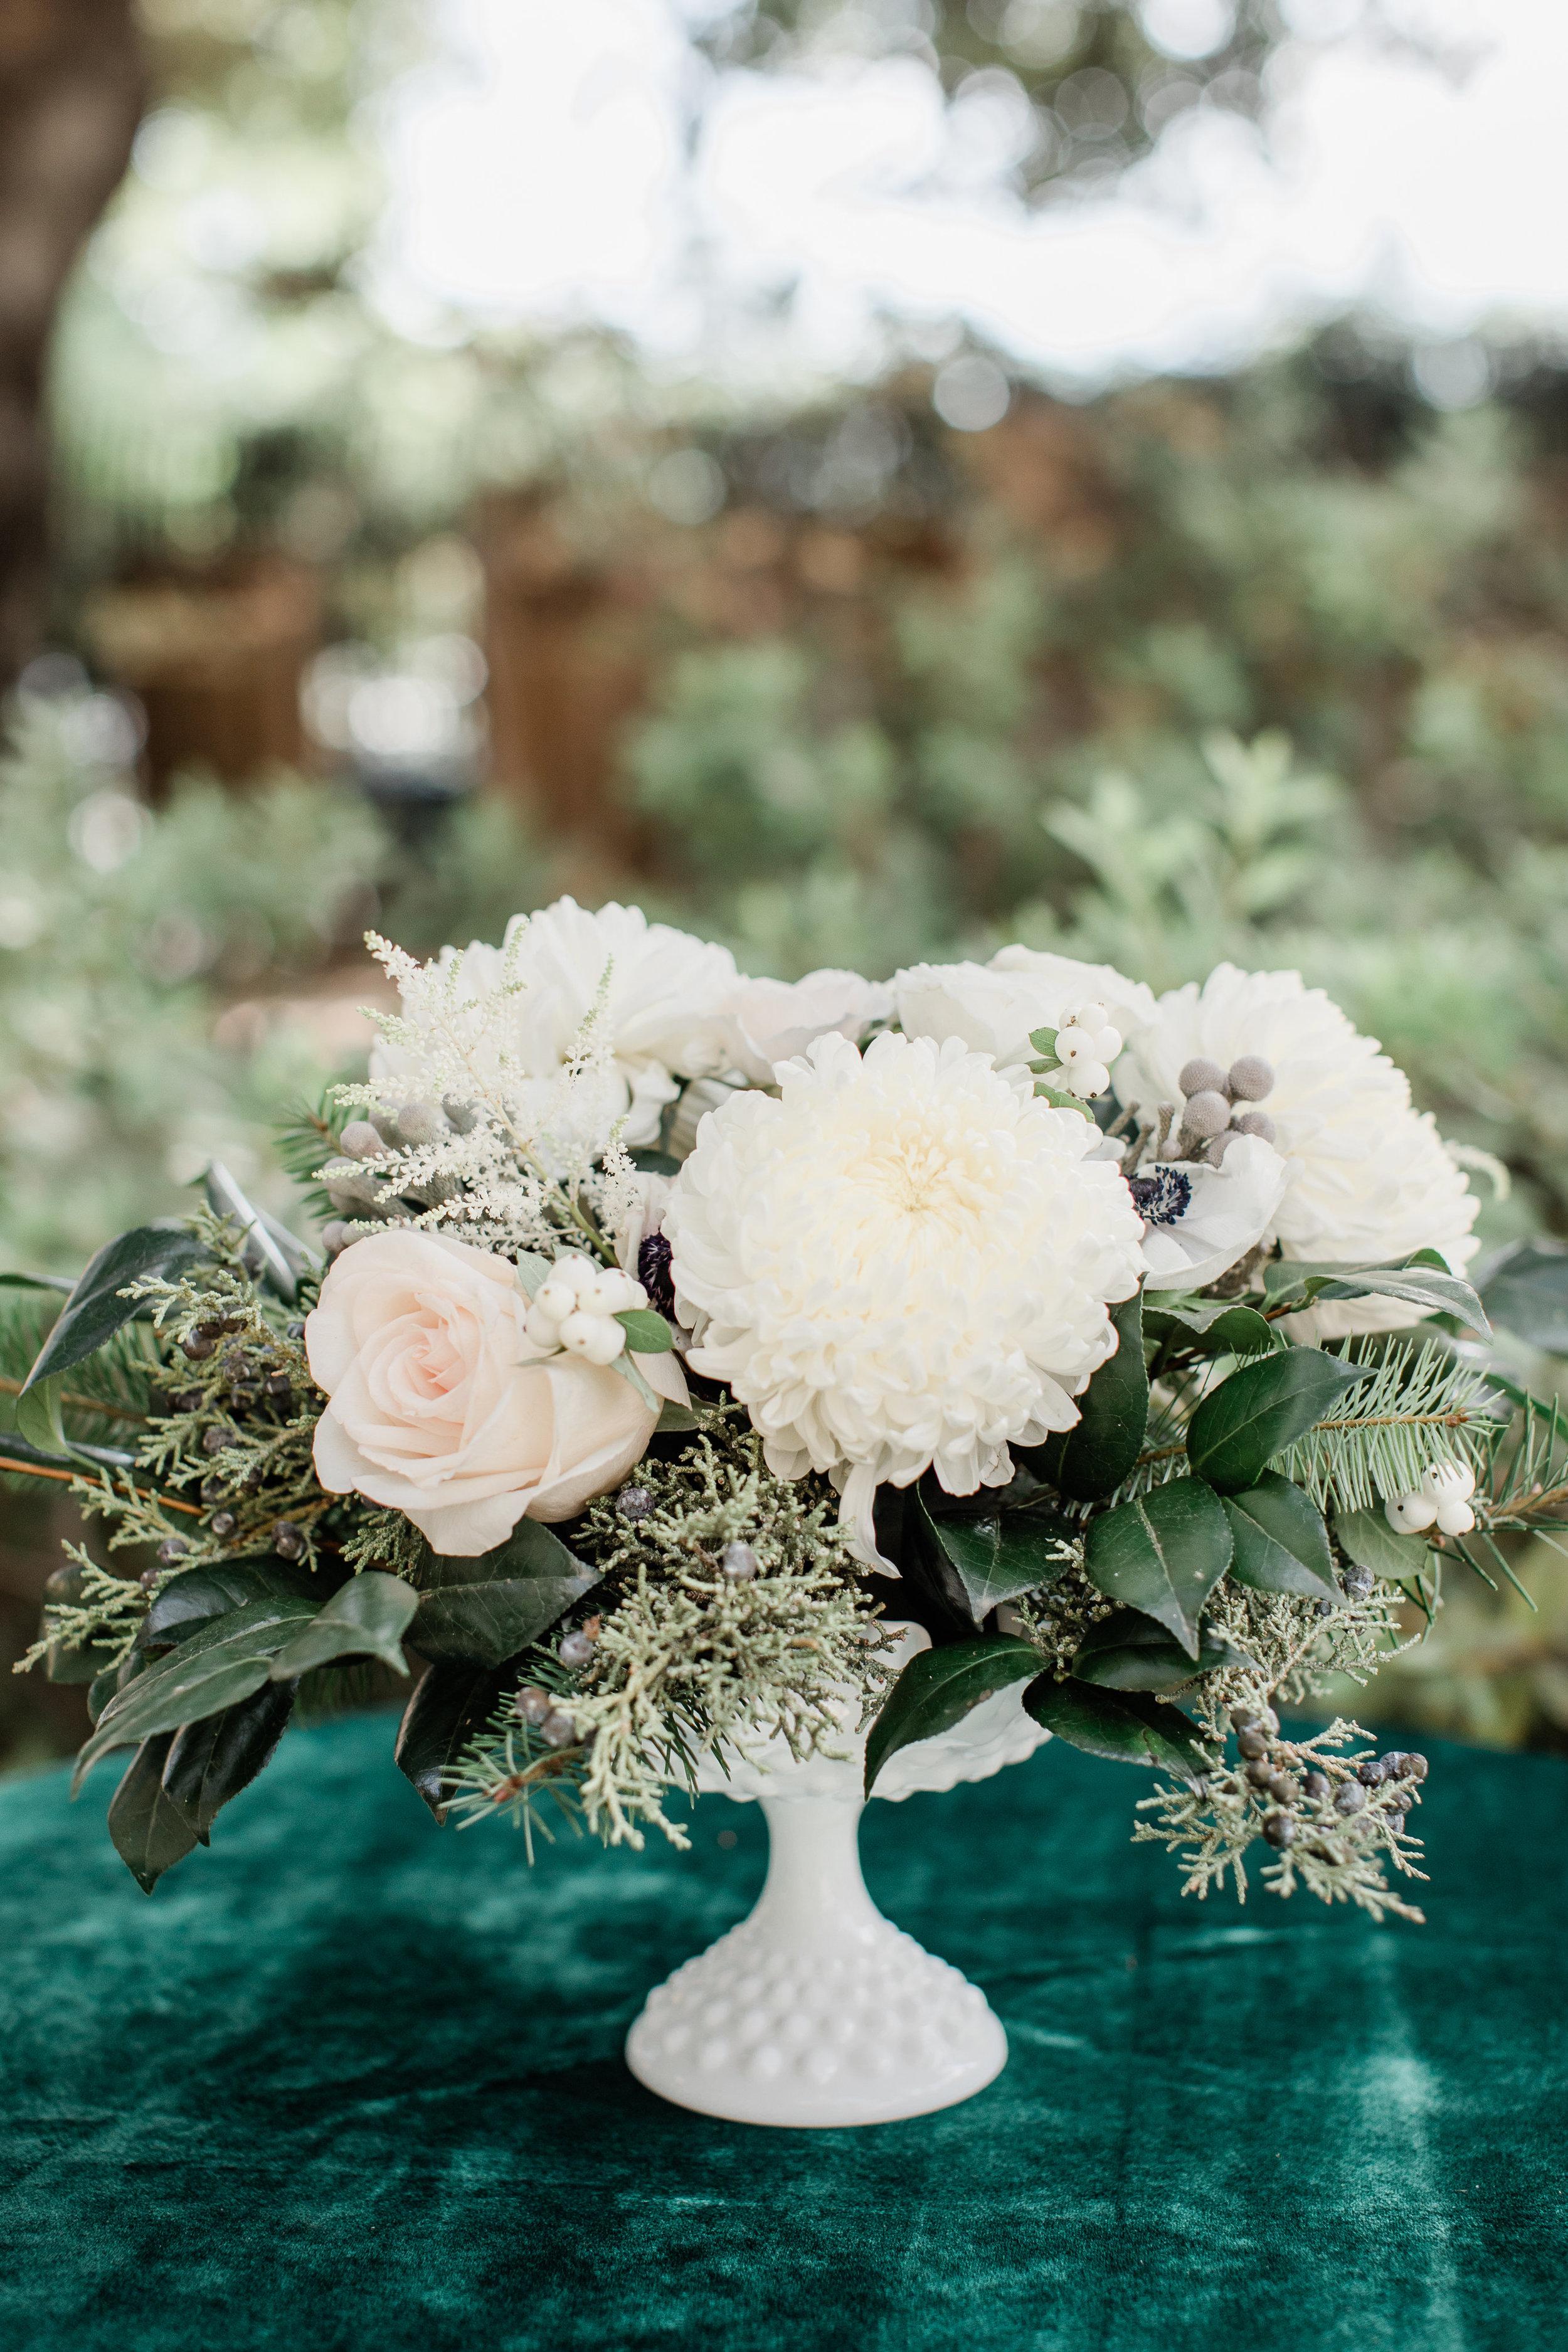 Winter_Wedding_Florals_Centerpiece_Des_Moines_Iowa_Sibyl_Sophia.jpg